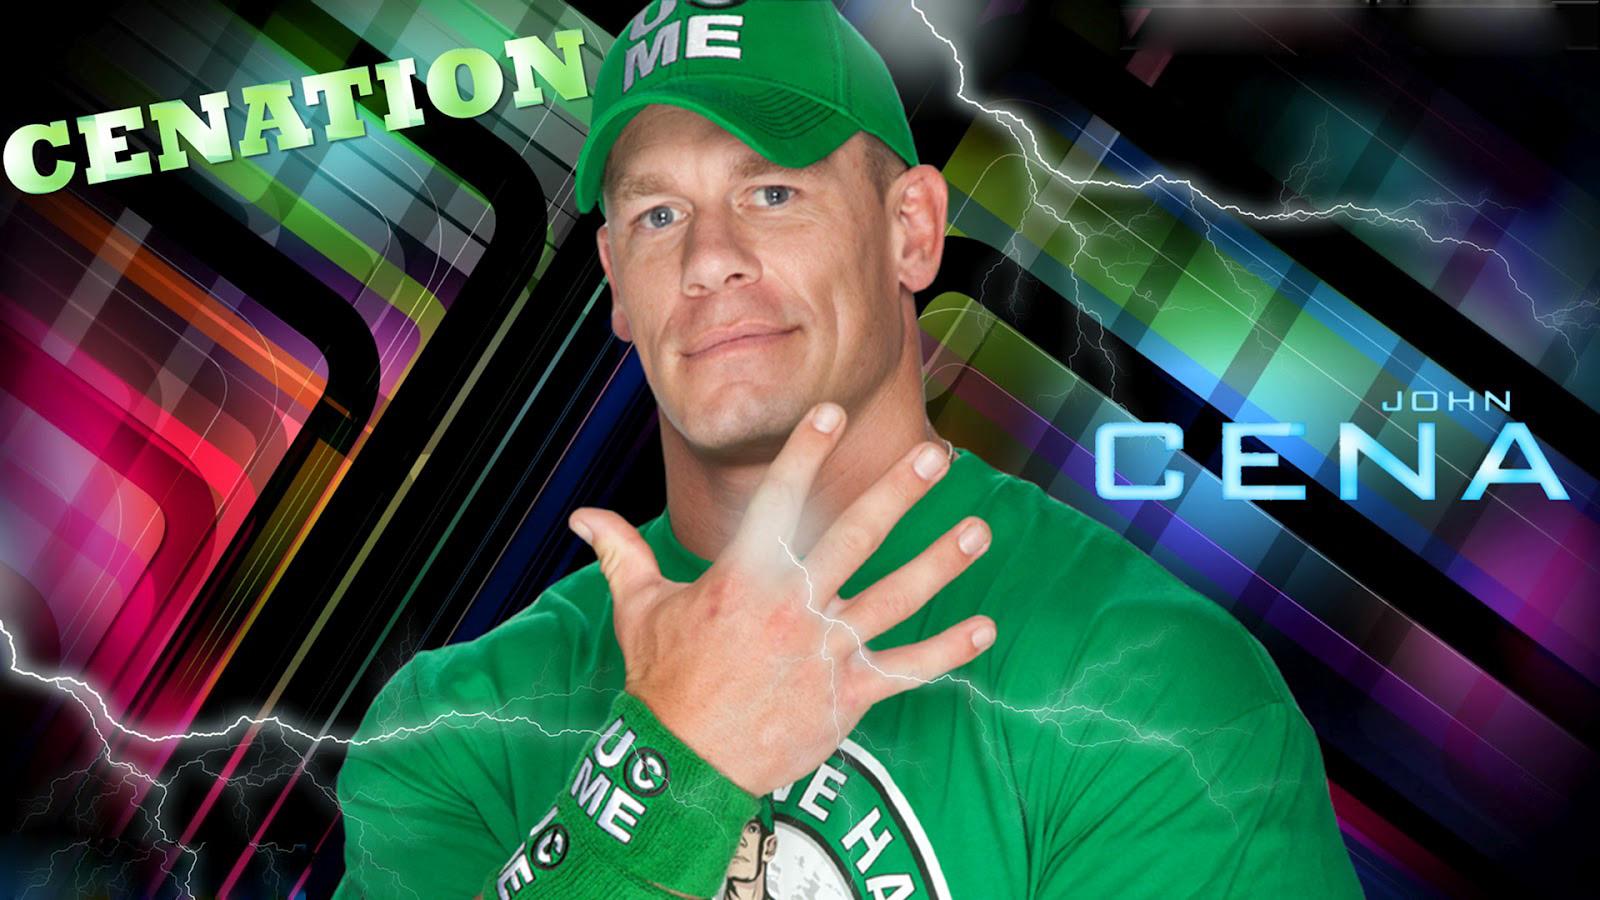 http://3.bp.blogspot.com/-d2KXQbtWqZE/UOLrSGCjReI/AAAAAAAAELk/Sx_aUByfZuM/s1600/Cenation-Green-T-Shrit-Wallpaper.jpg